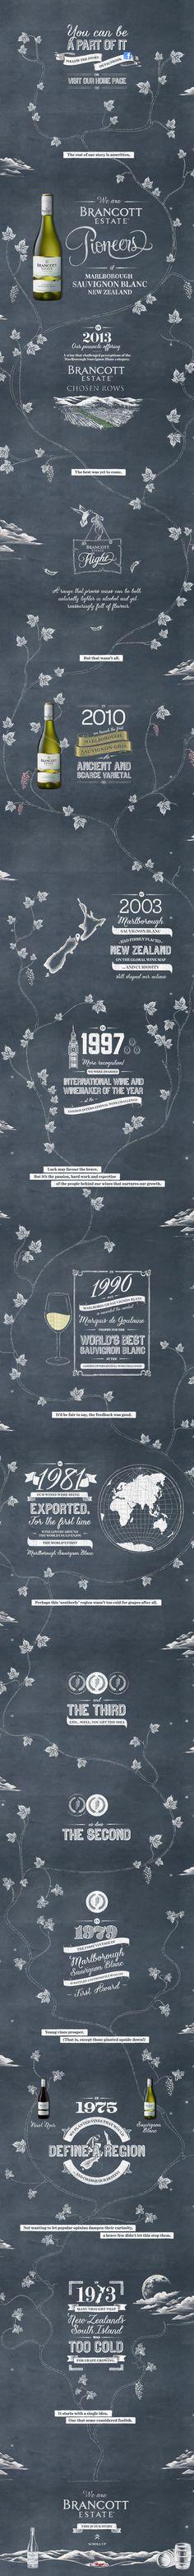 Chalkboard, blackboard illustration, website, wine, long scroll, one page website http://pioneers.brancottestate.com by @WeAreImpero